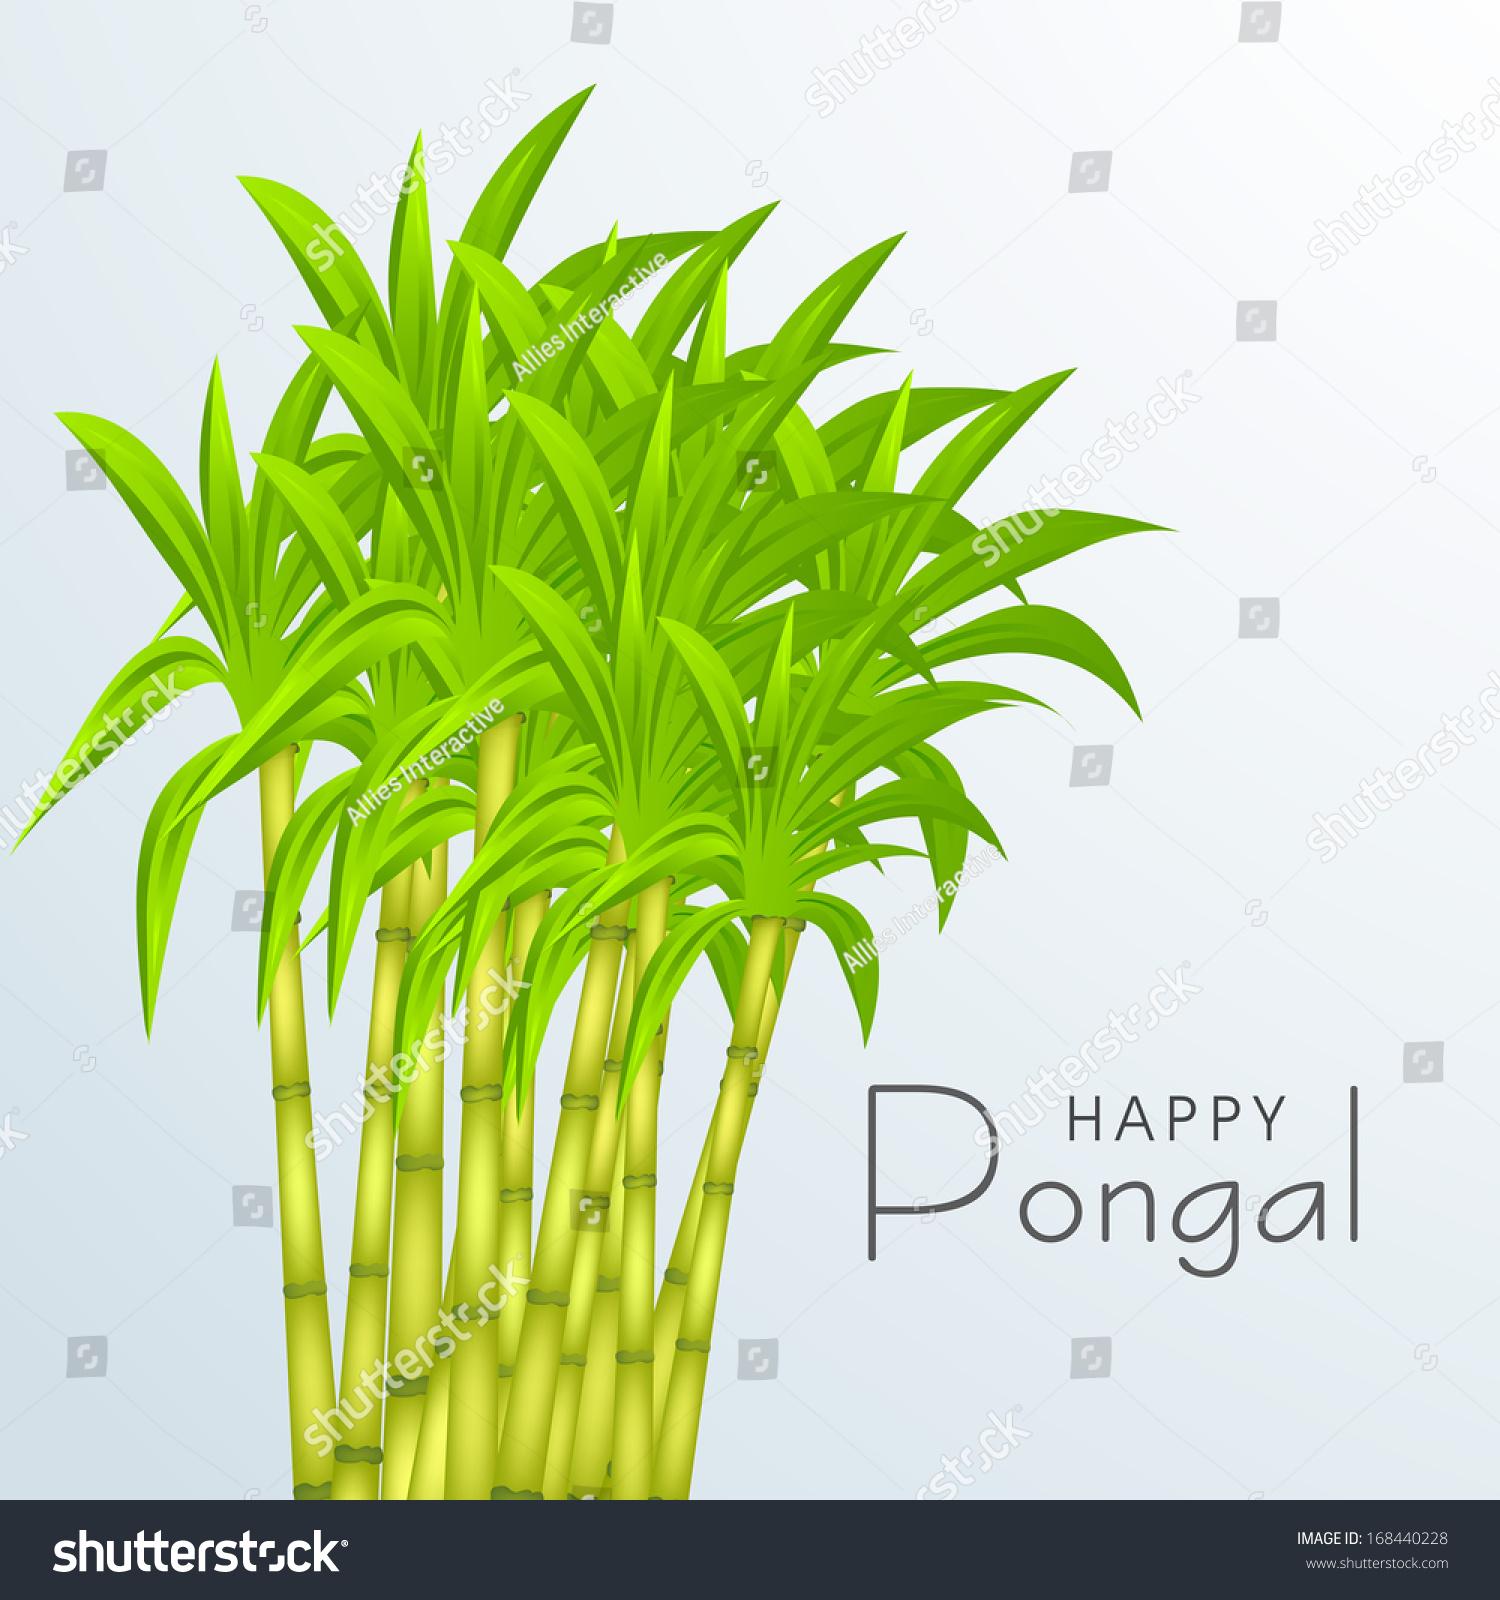 clip art pongal images - photo #12